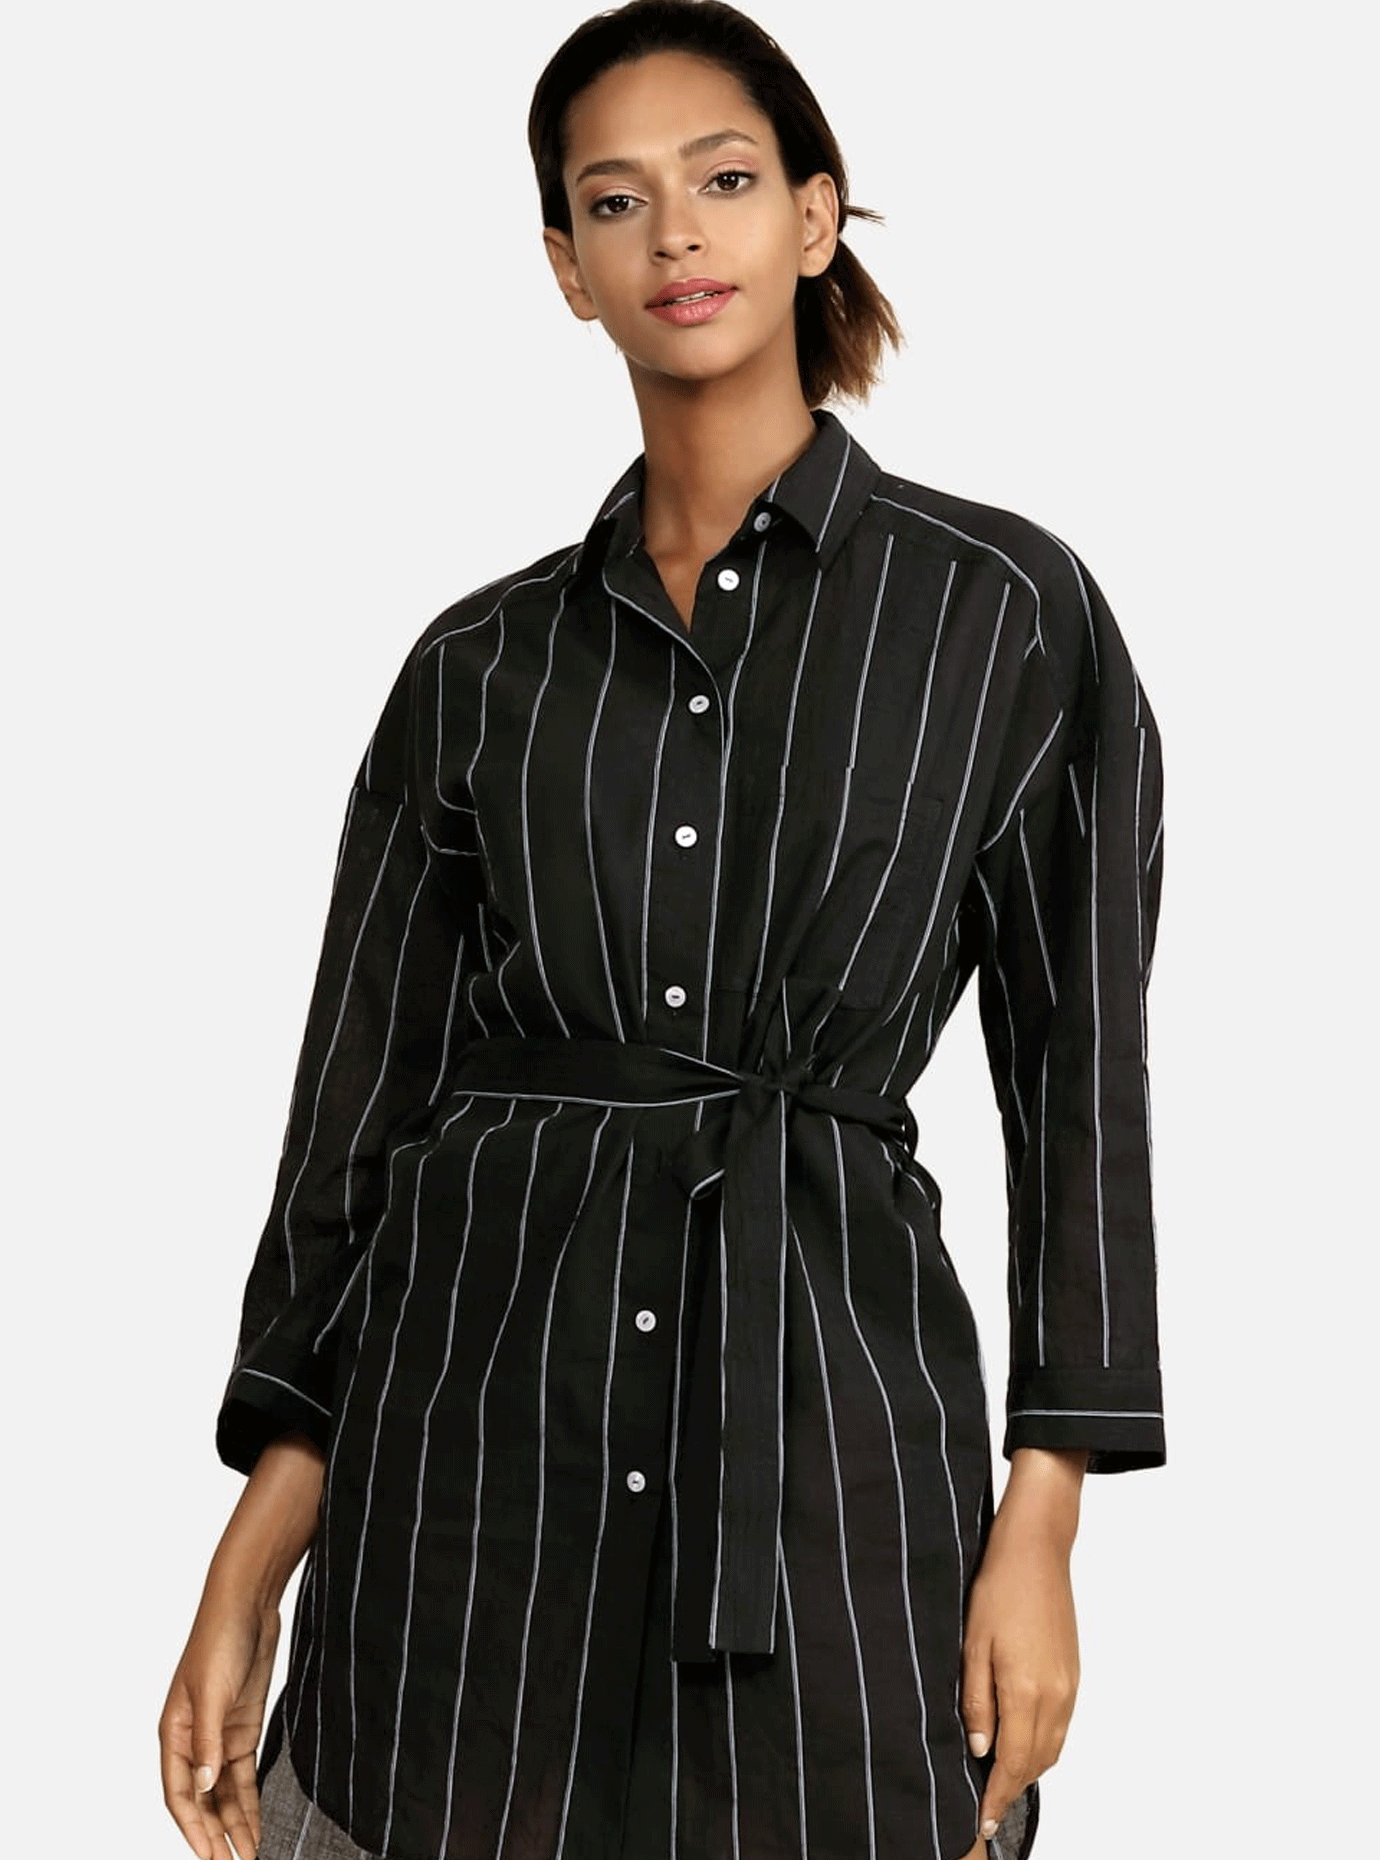 Пляжная туника-рубашка Чёрный S (01-T19009): фото - Alster.ua